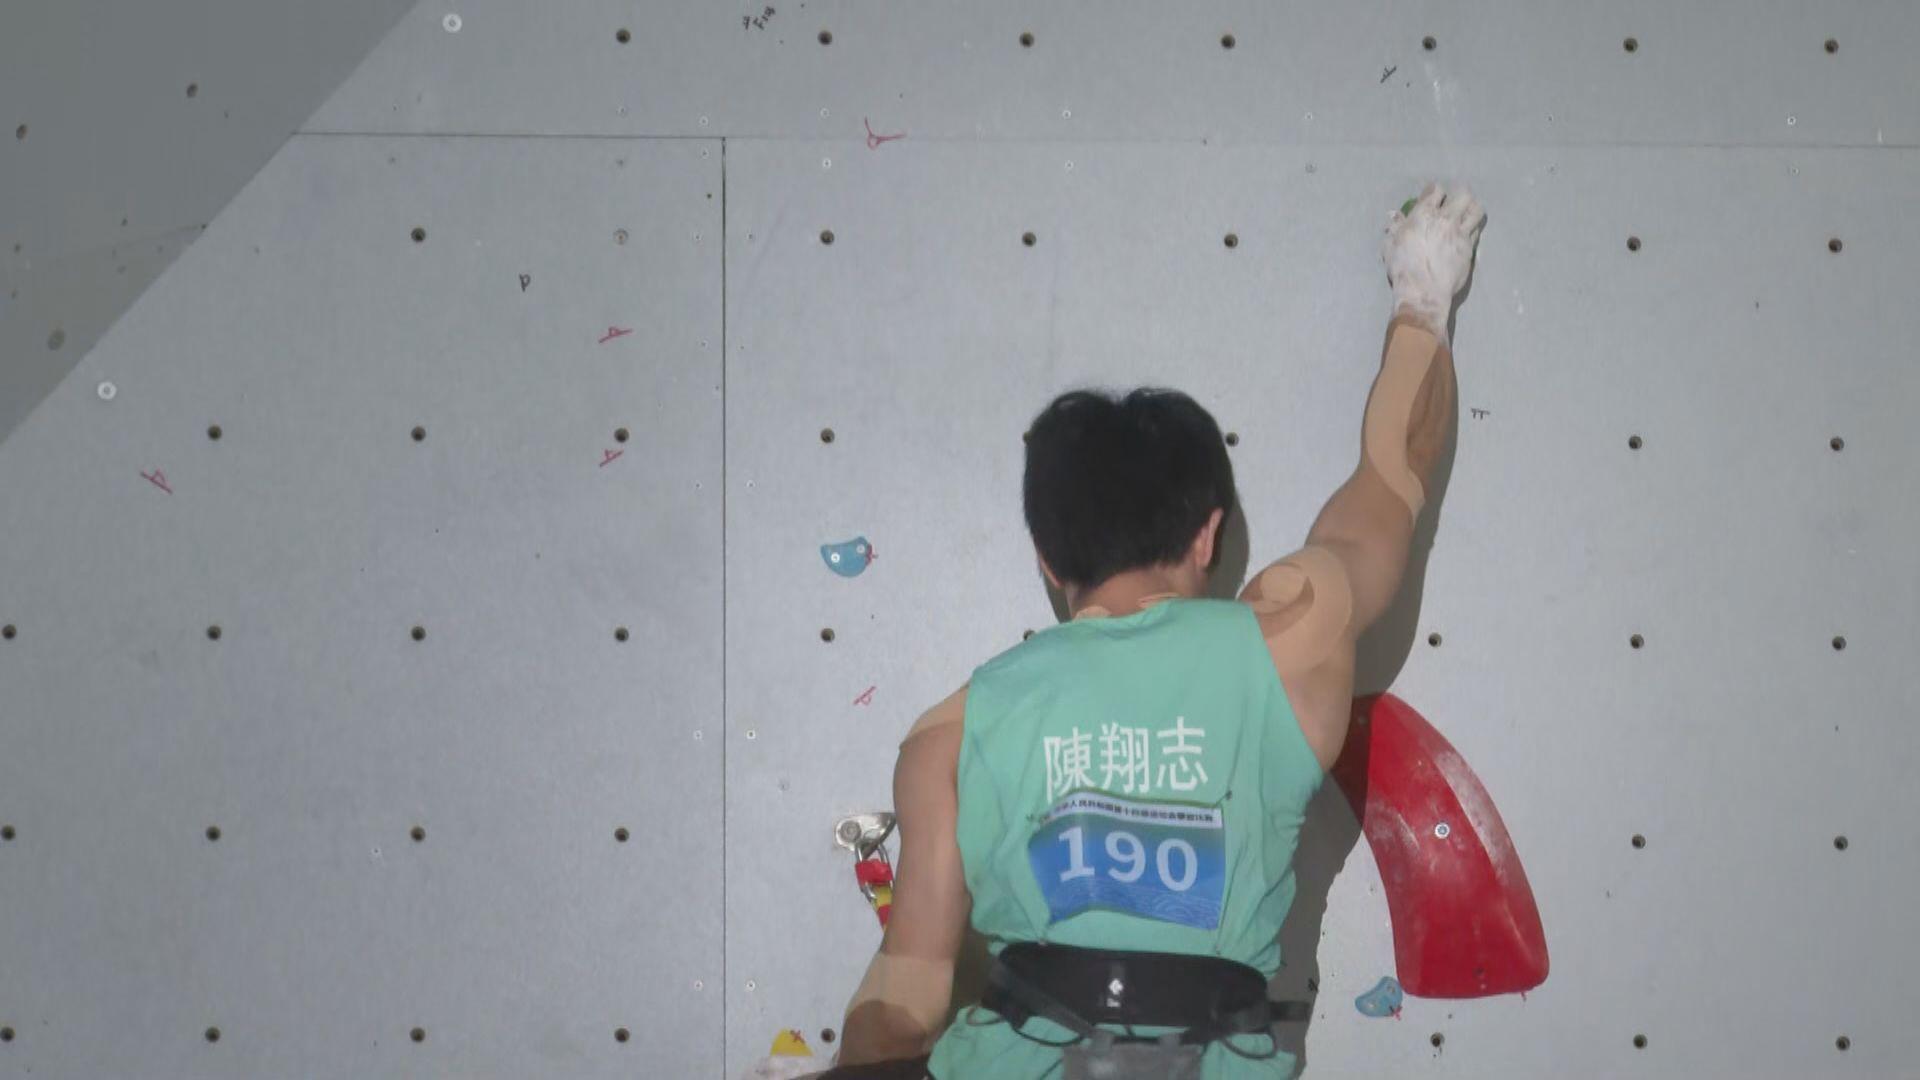 全運會男子攀岩全能賽 港隊陳翔志躋身八強